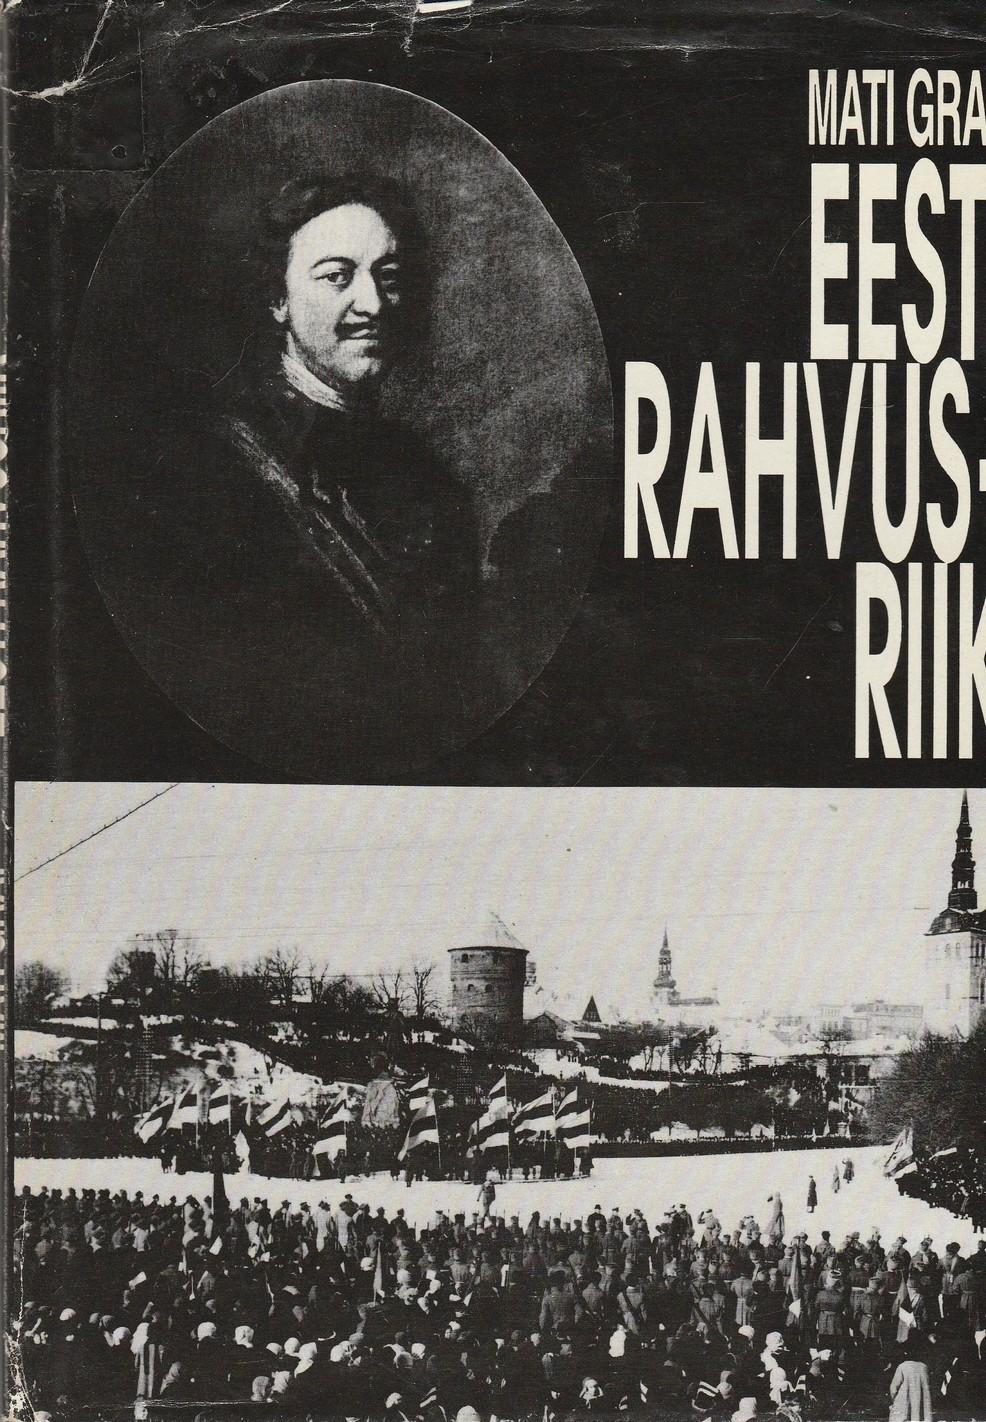 Eesti rahvusriik